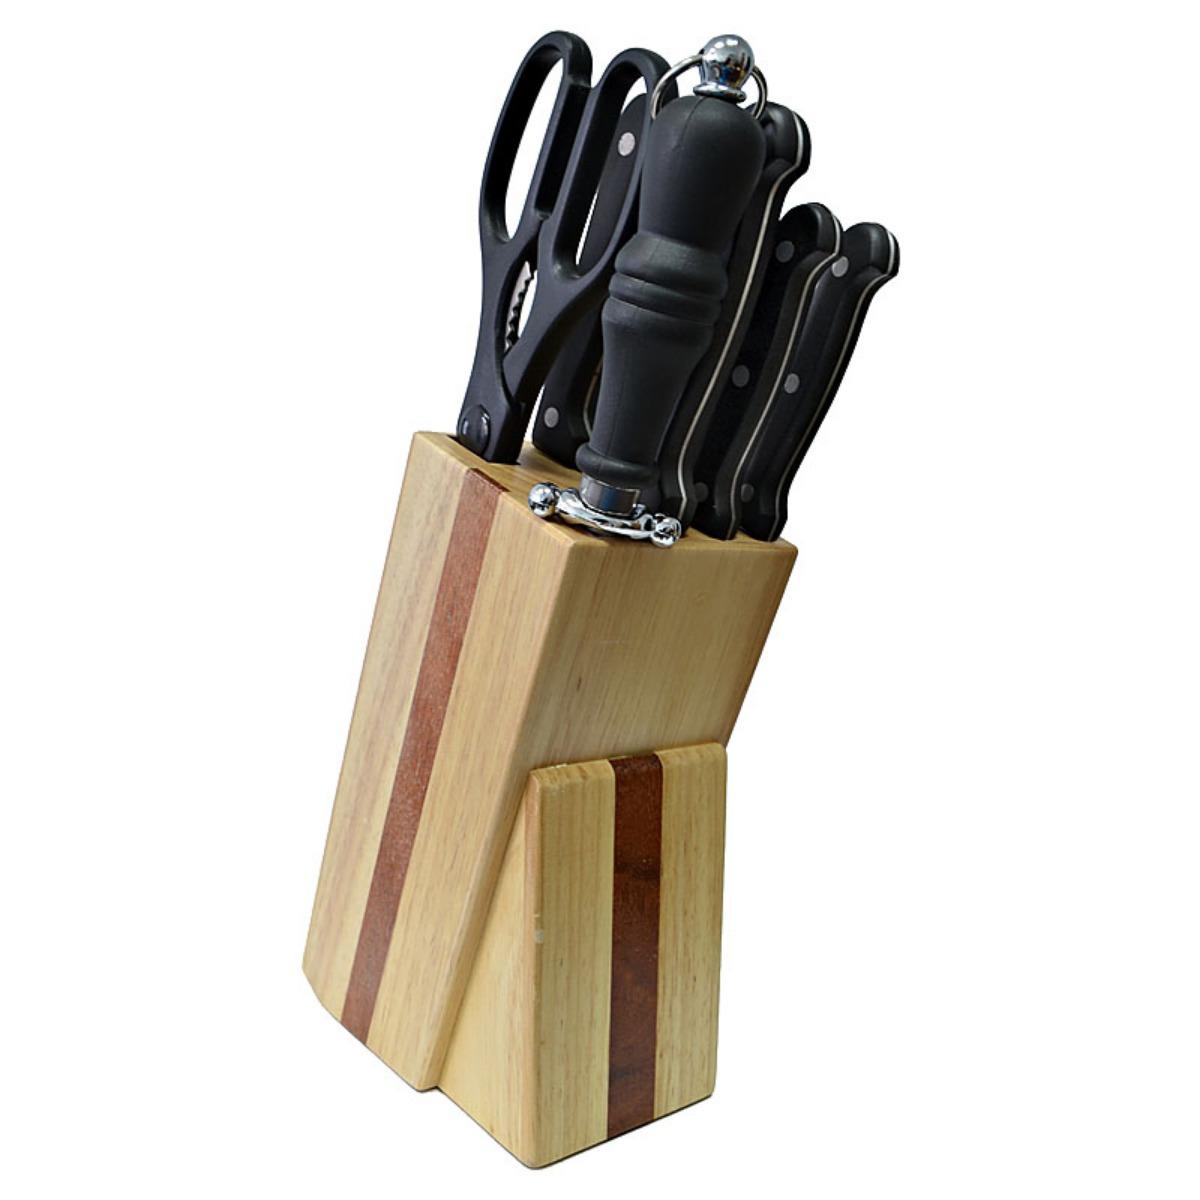 Кухонный набор Marvel Classic Series, цвет: серый, 8 предметов92026Кухонный набор Marvel Classic Series состоит из пяти ножей (поварского, хлебного, разделочного, универсального, для очистки), мусата и кухонных ножниц. Лезвия ножей и ножниц выполнены из высоколегированной углеродистой стали, устойчивой к деформации и коррозии, а рукоятки – из прочного пластика. Лезвия ножей и ножниц надолго сохранят свою заводскую заточку. Все предметы из набора располагаются на компактной деревянной подставке. Практичный и удобный набор ножей найдет свое место на каждой кухне.